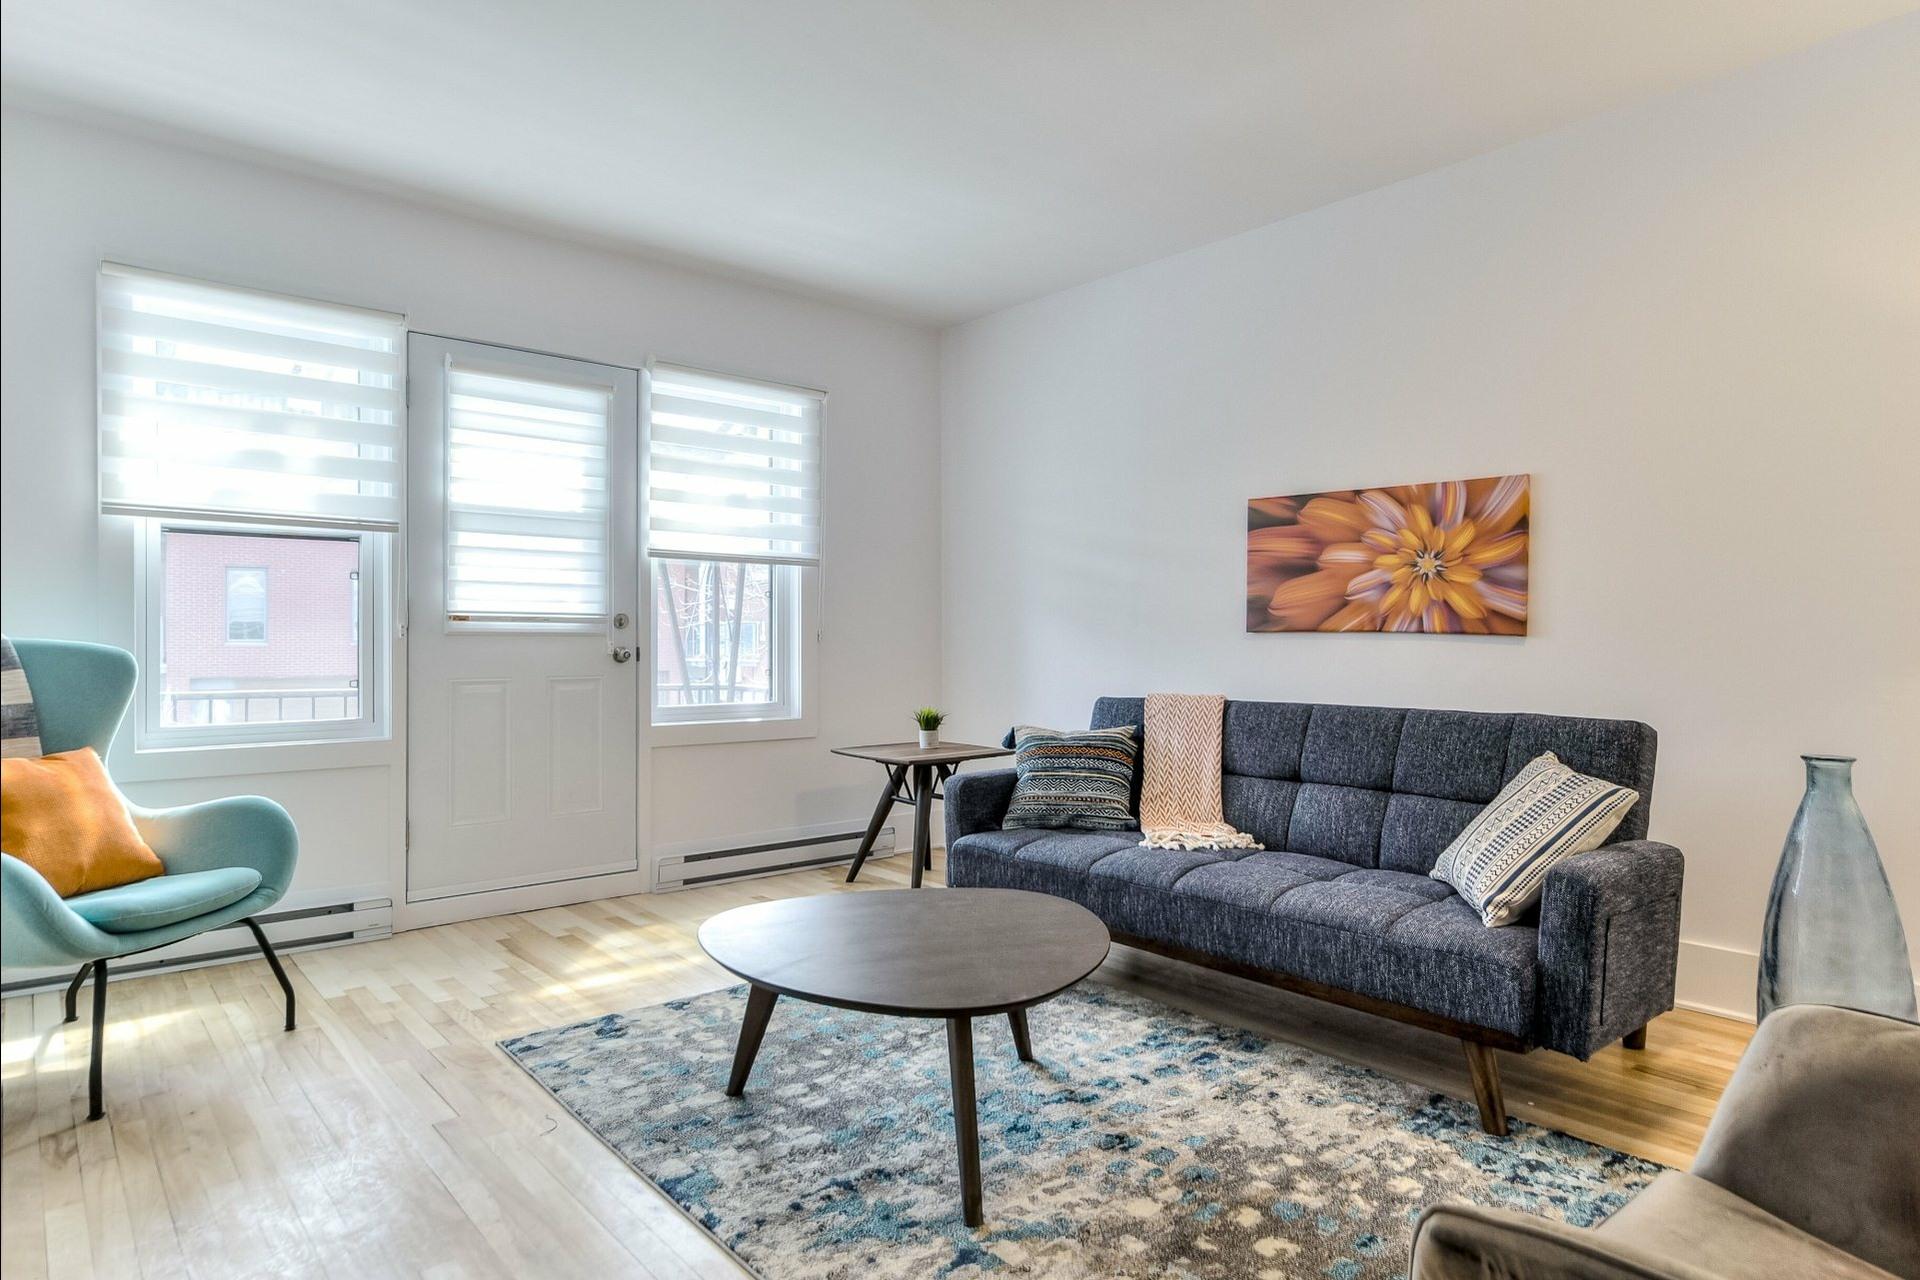 image 26 - Immeuble à revenus À vendre Montréal Villeray/Saint-Michel/Parc-Extension  - 3 pièces